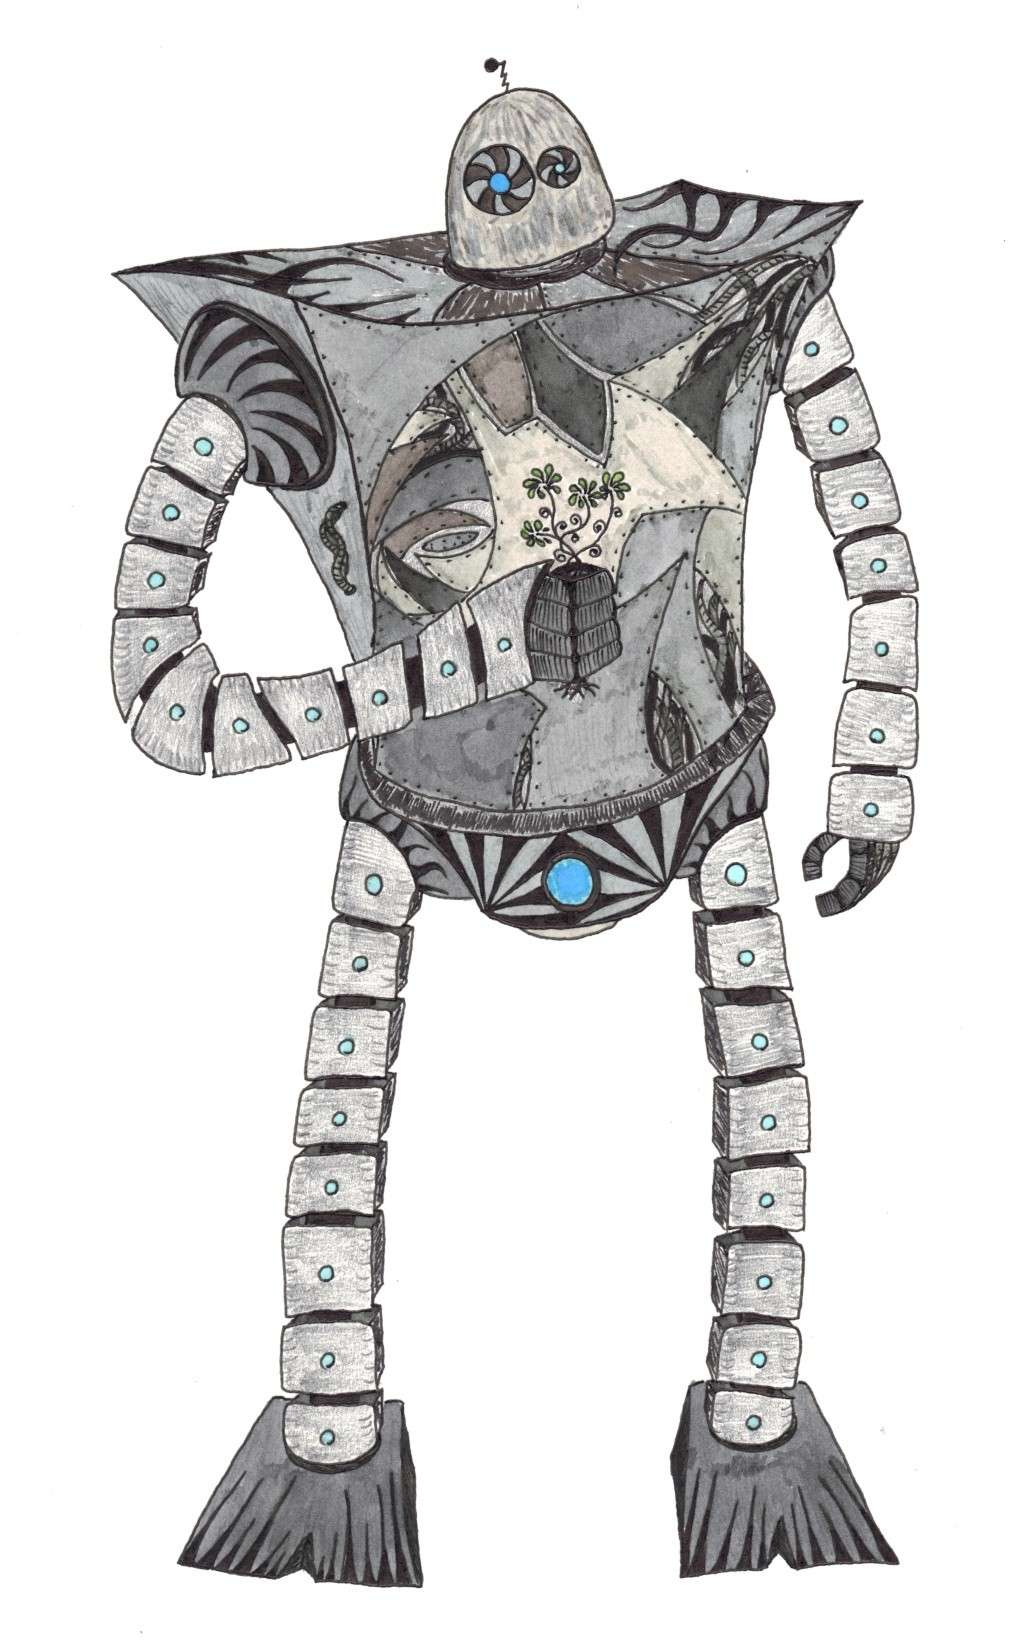 Dessins Fantastiques Robot_11